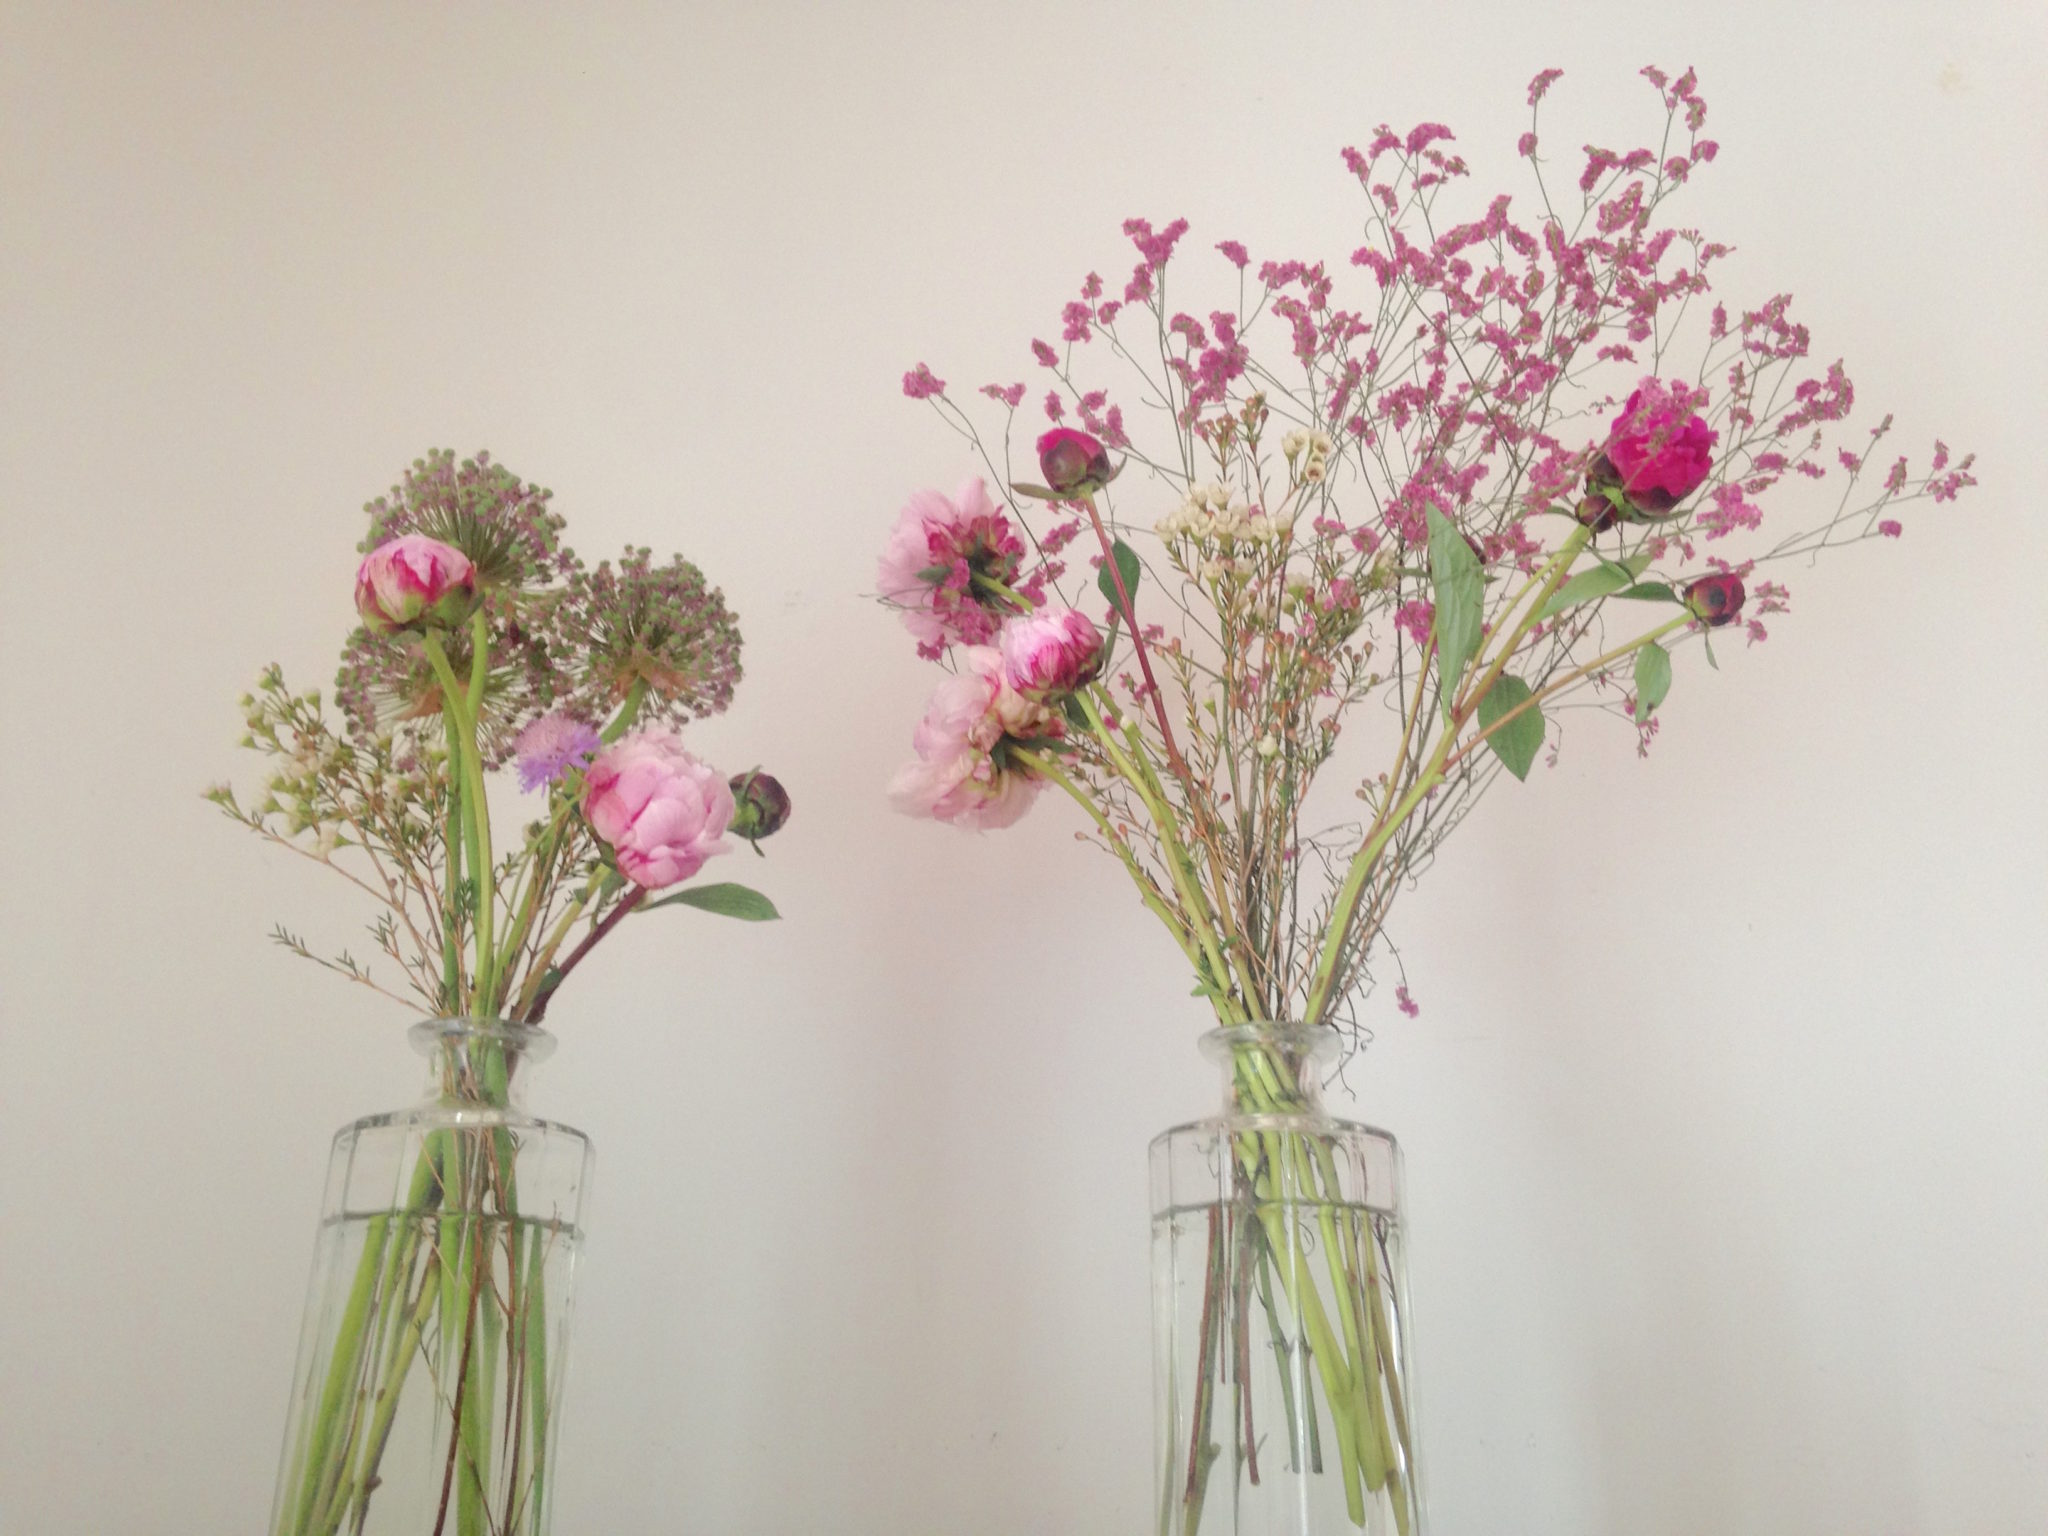 Copihue - Avete mai notato come la forma di un fiore somigli a chi li compra?